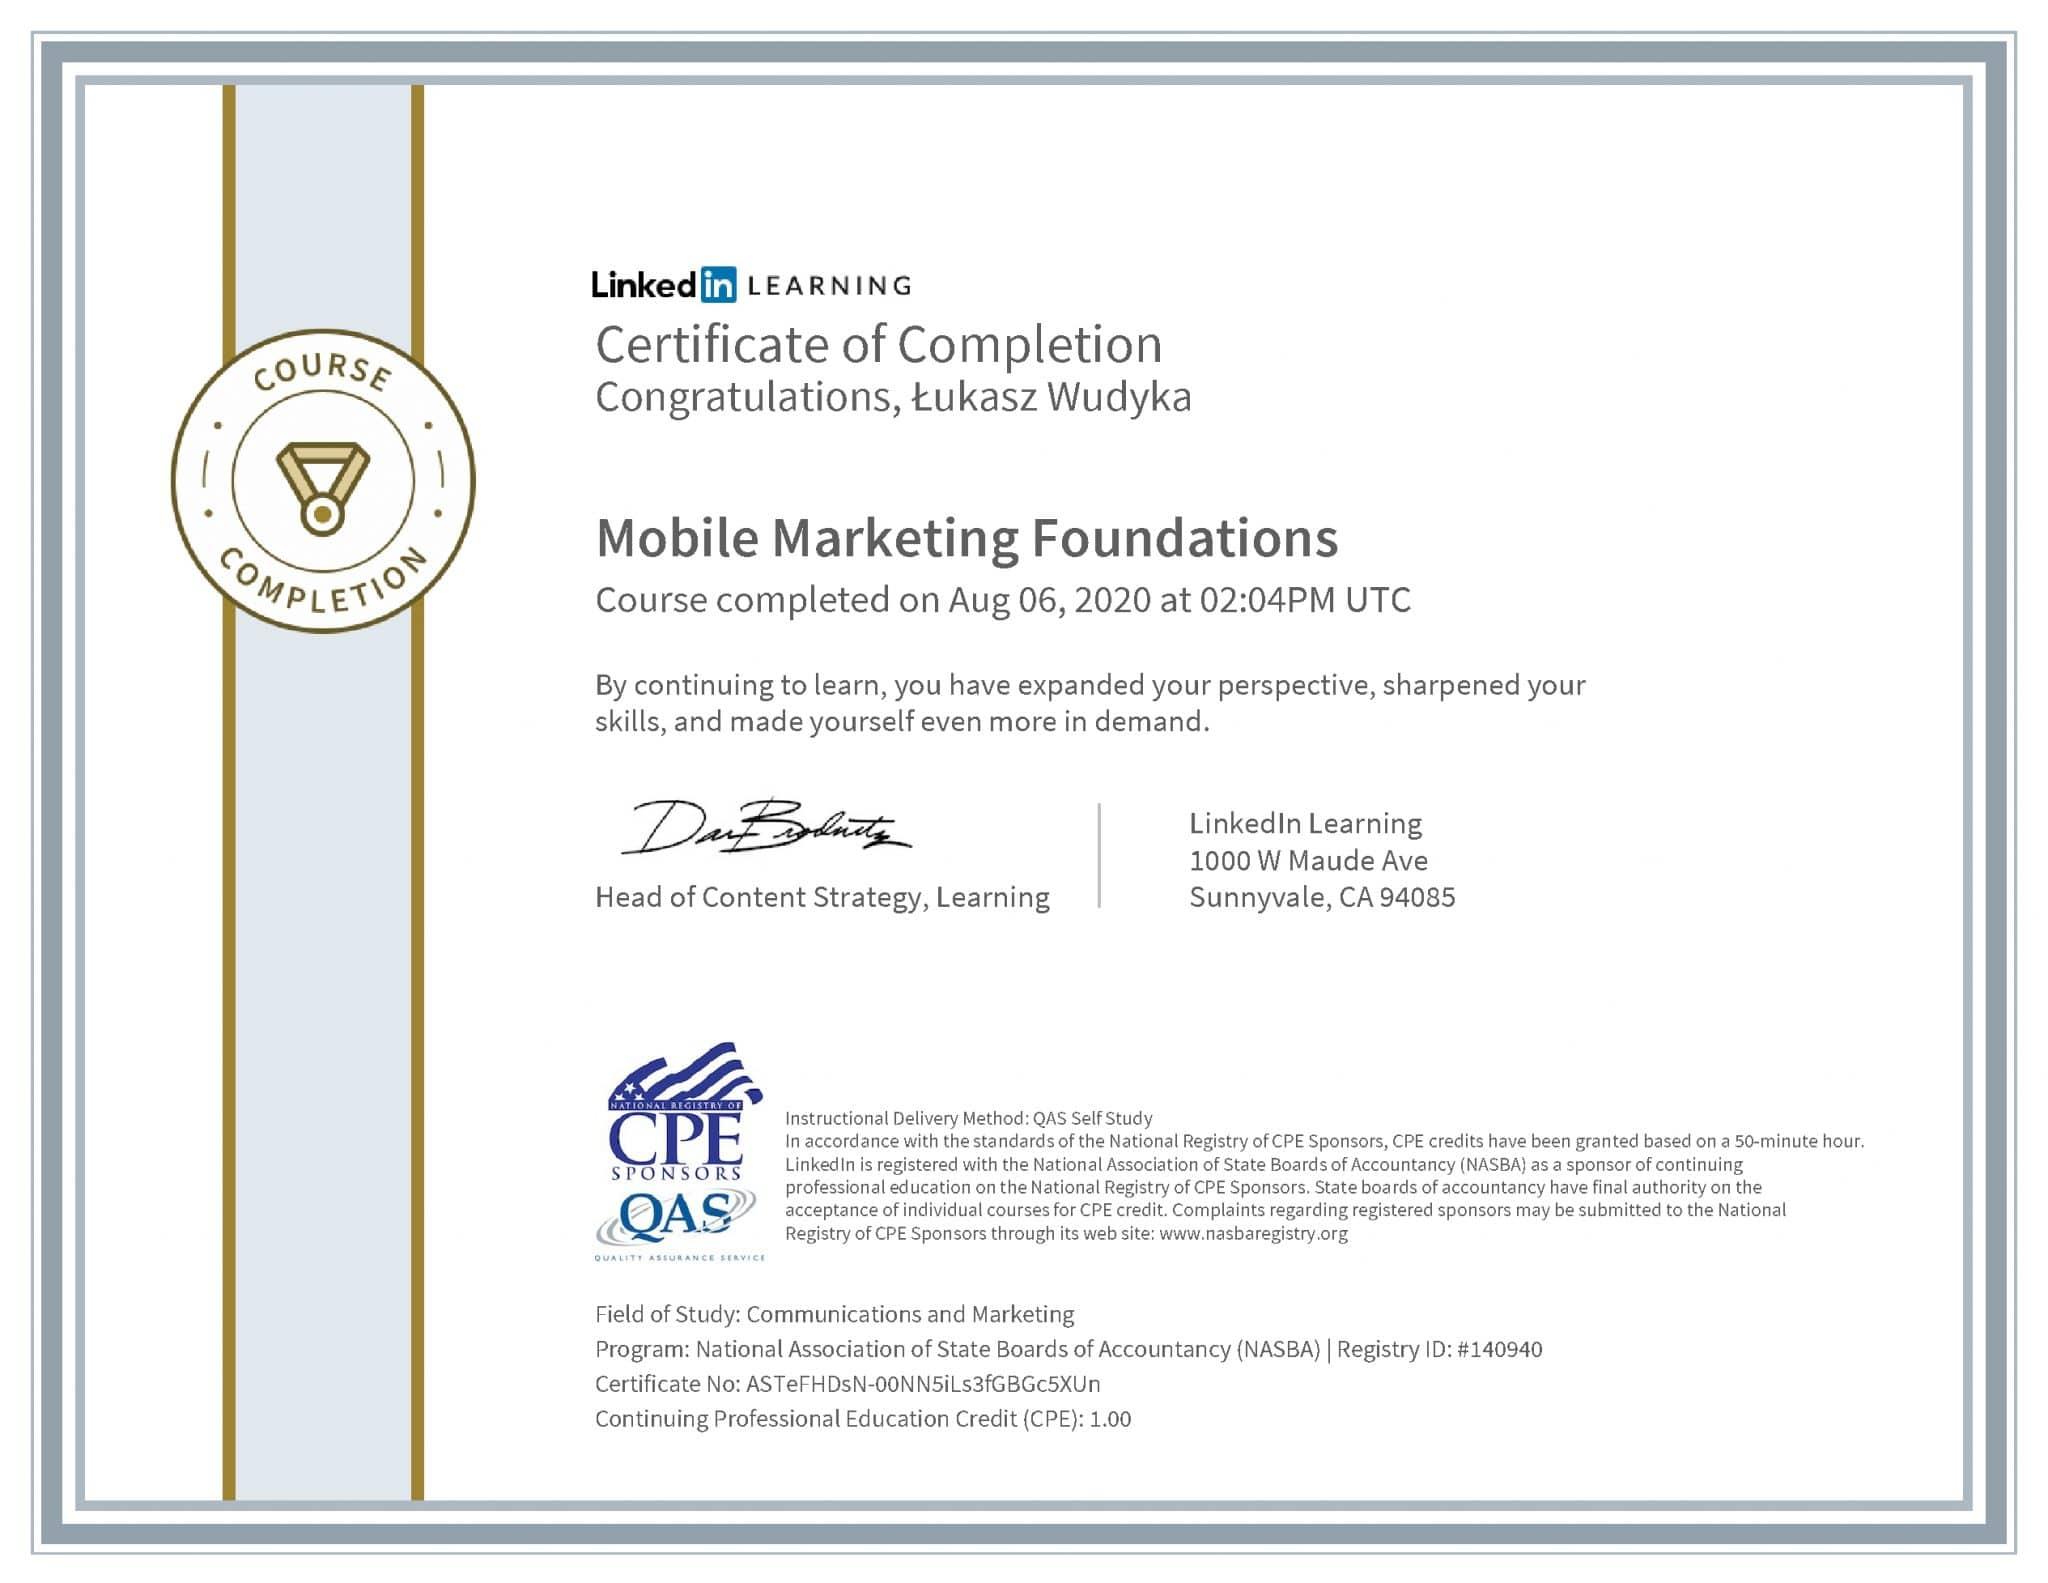 Łukasz Wudyka certyfikat LinkedIn Mobile Marketing Foundations NASBA